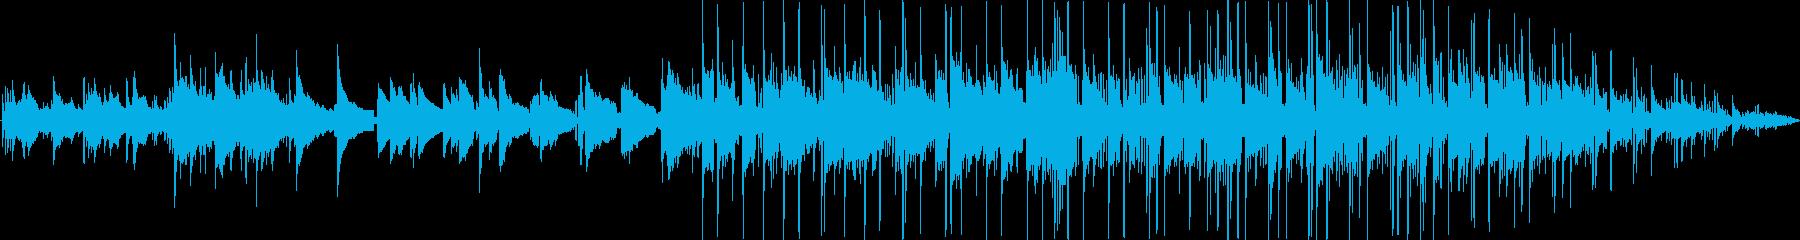 ラウンジ、ゆっくり、メロディアス。...の再生済みの波形